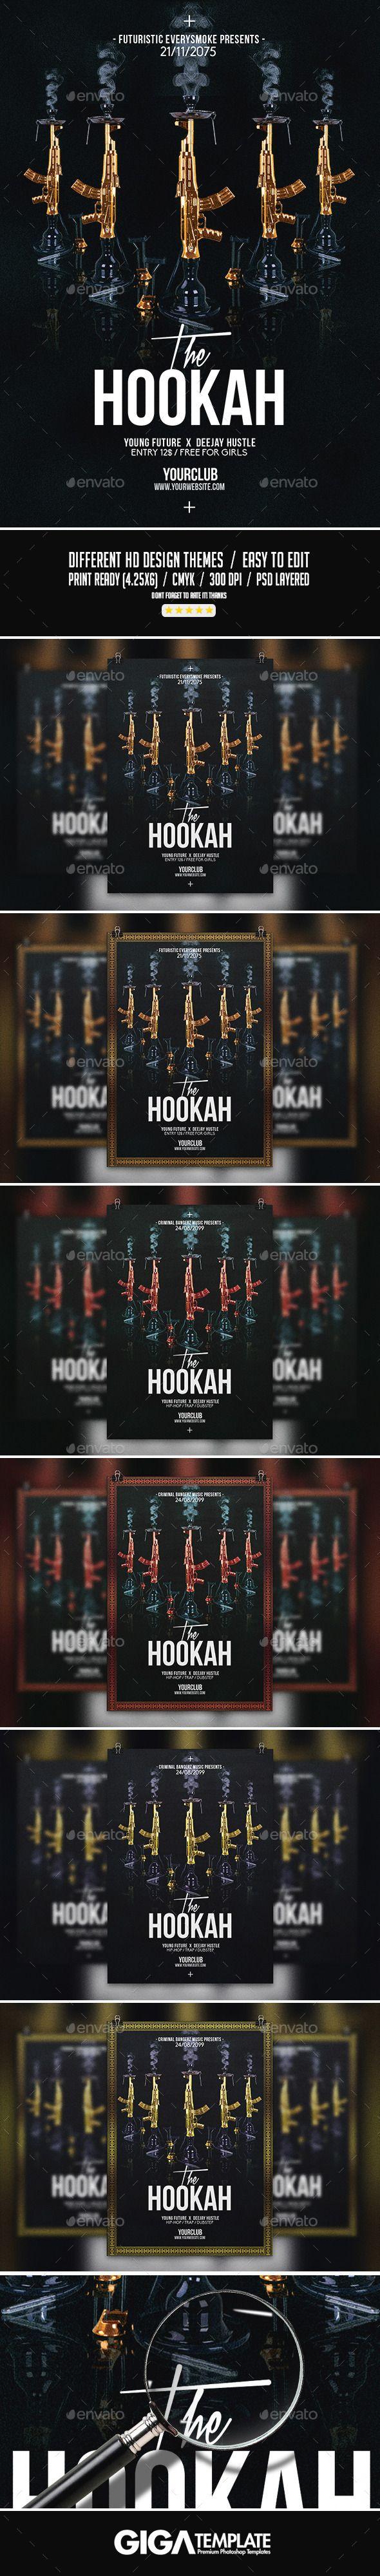 The Hookah | Dark Modern Party PSD Flyer Template